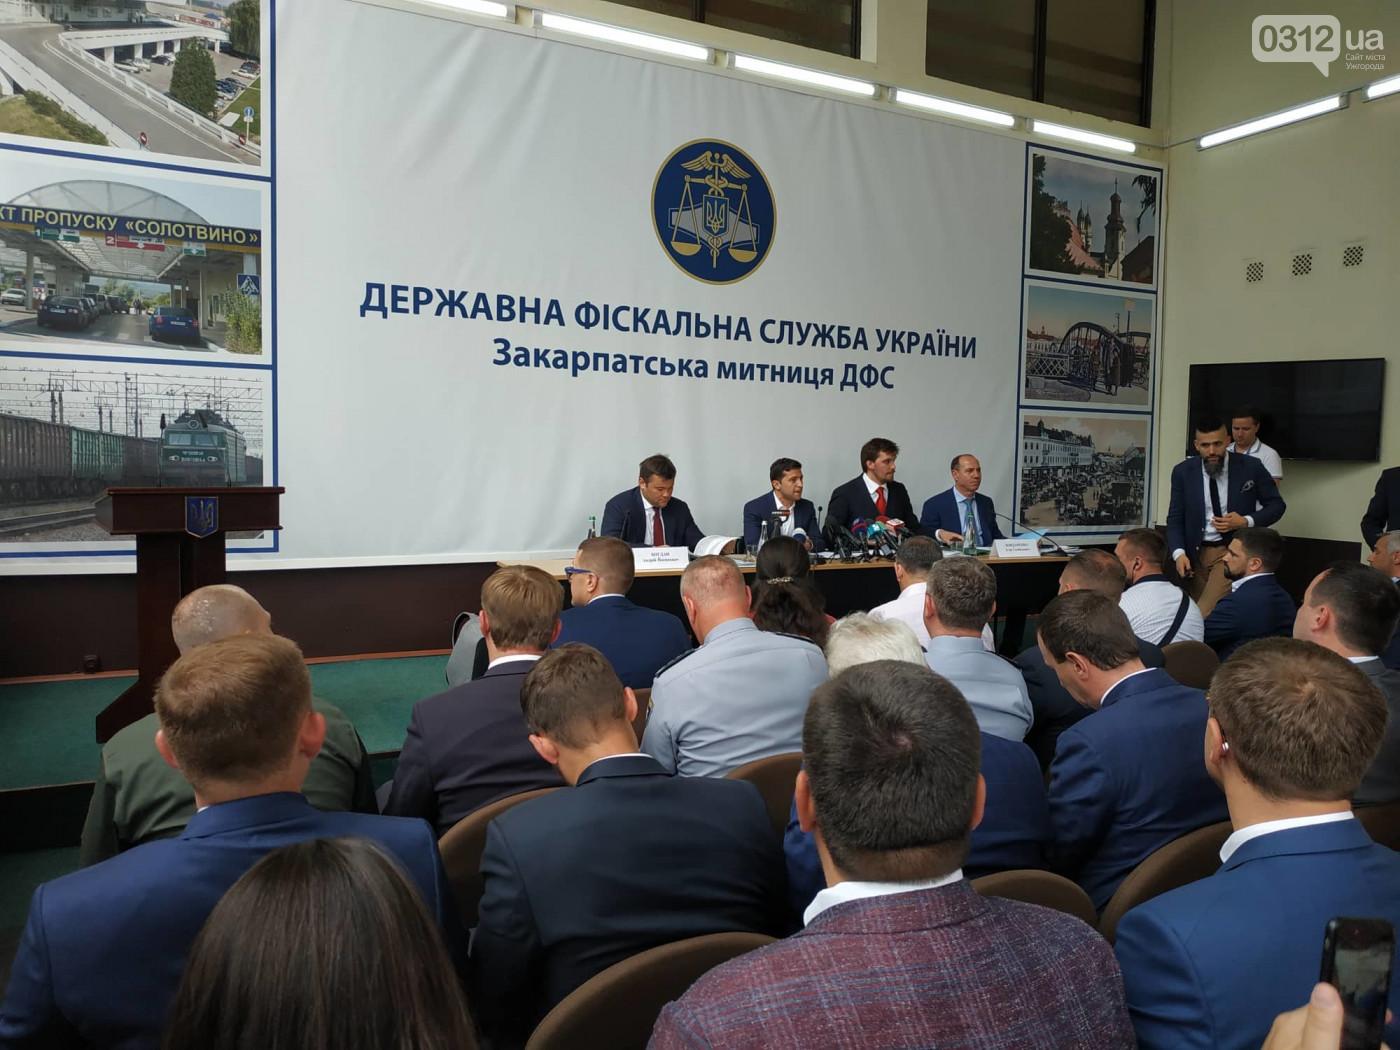 Слишком официально! Зеленский представил нового руководителя Закарпатья и уже успел отчитать его